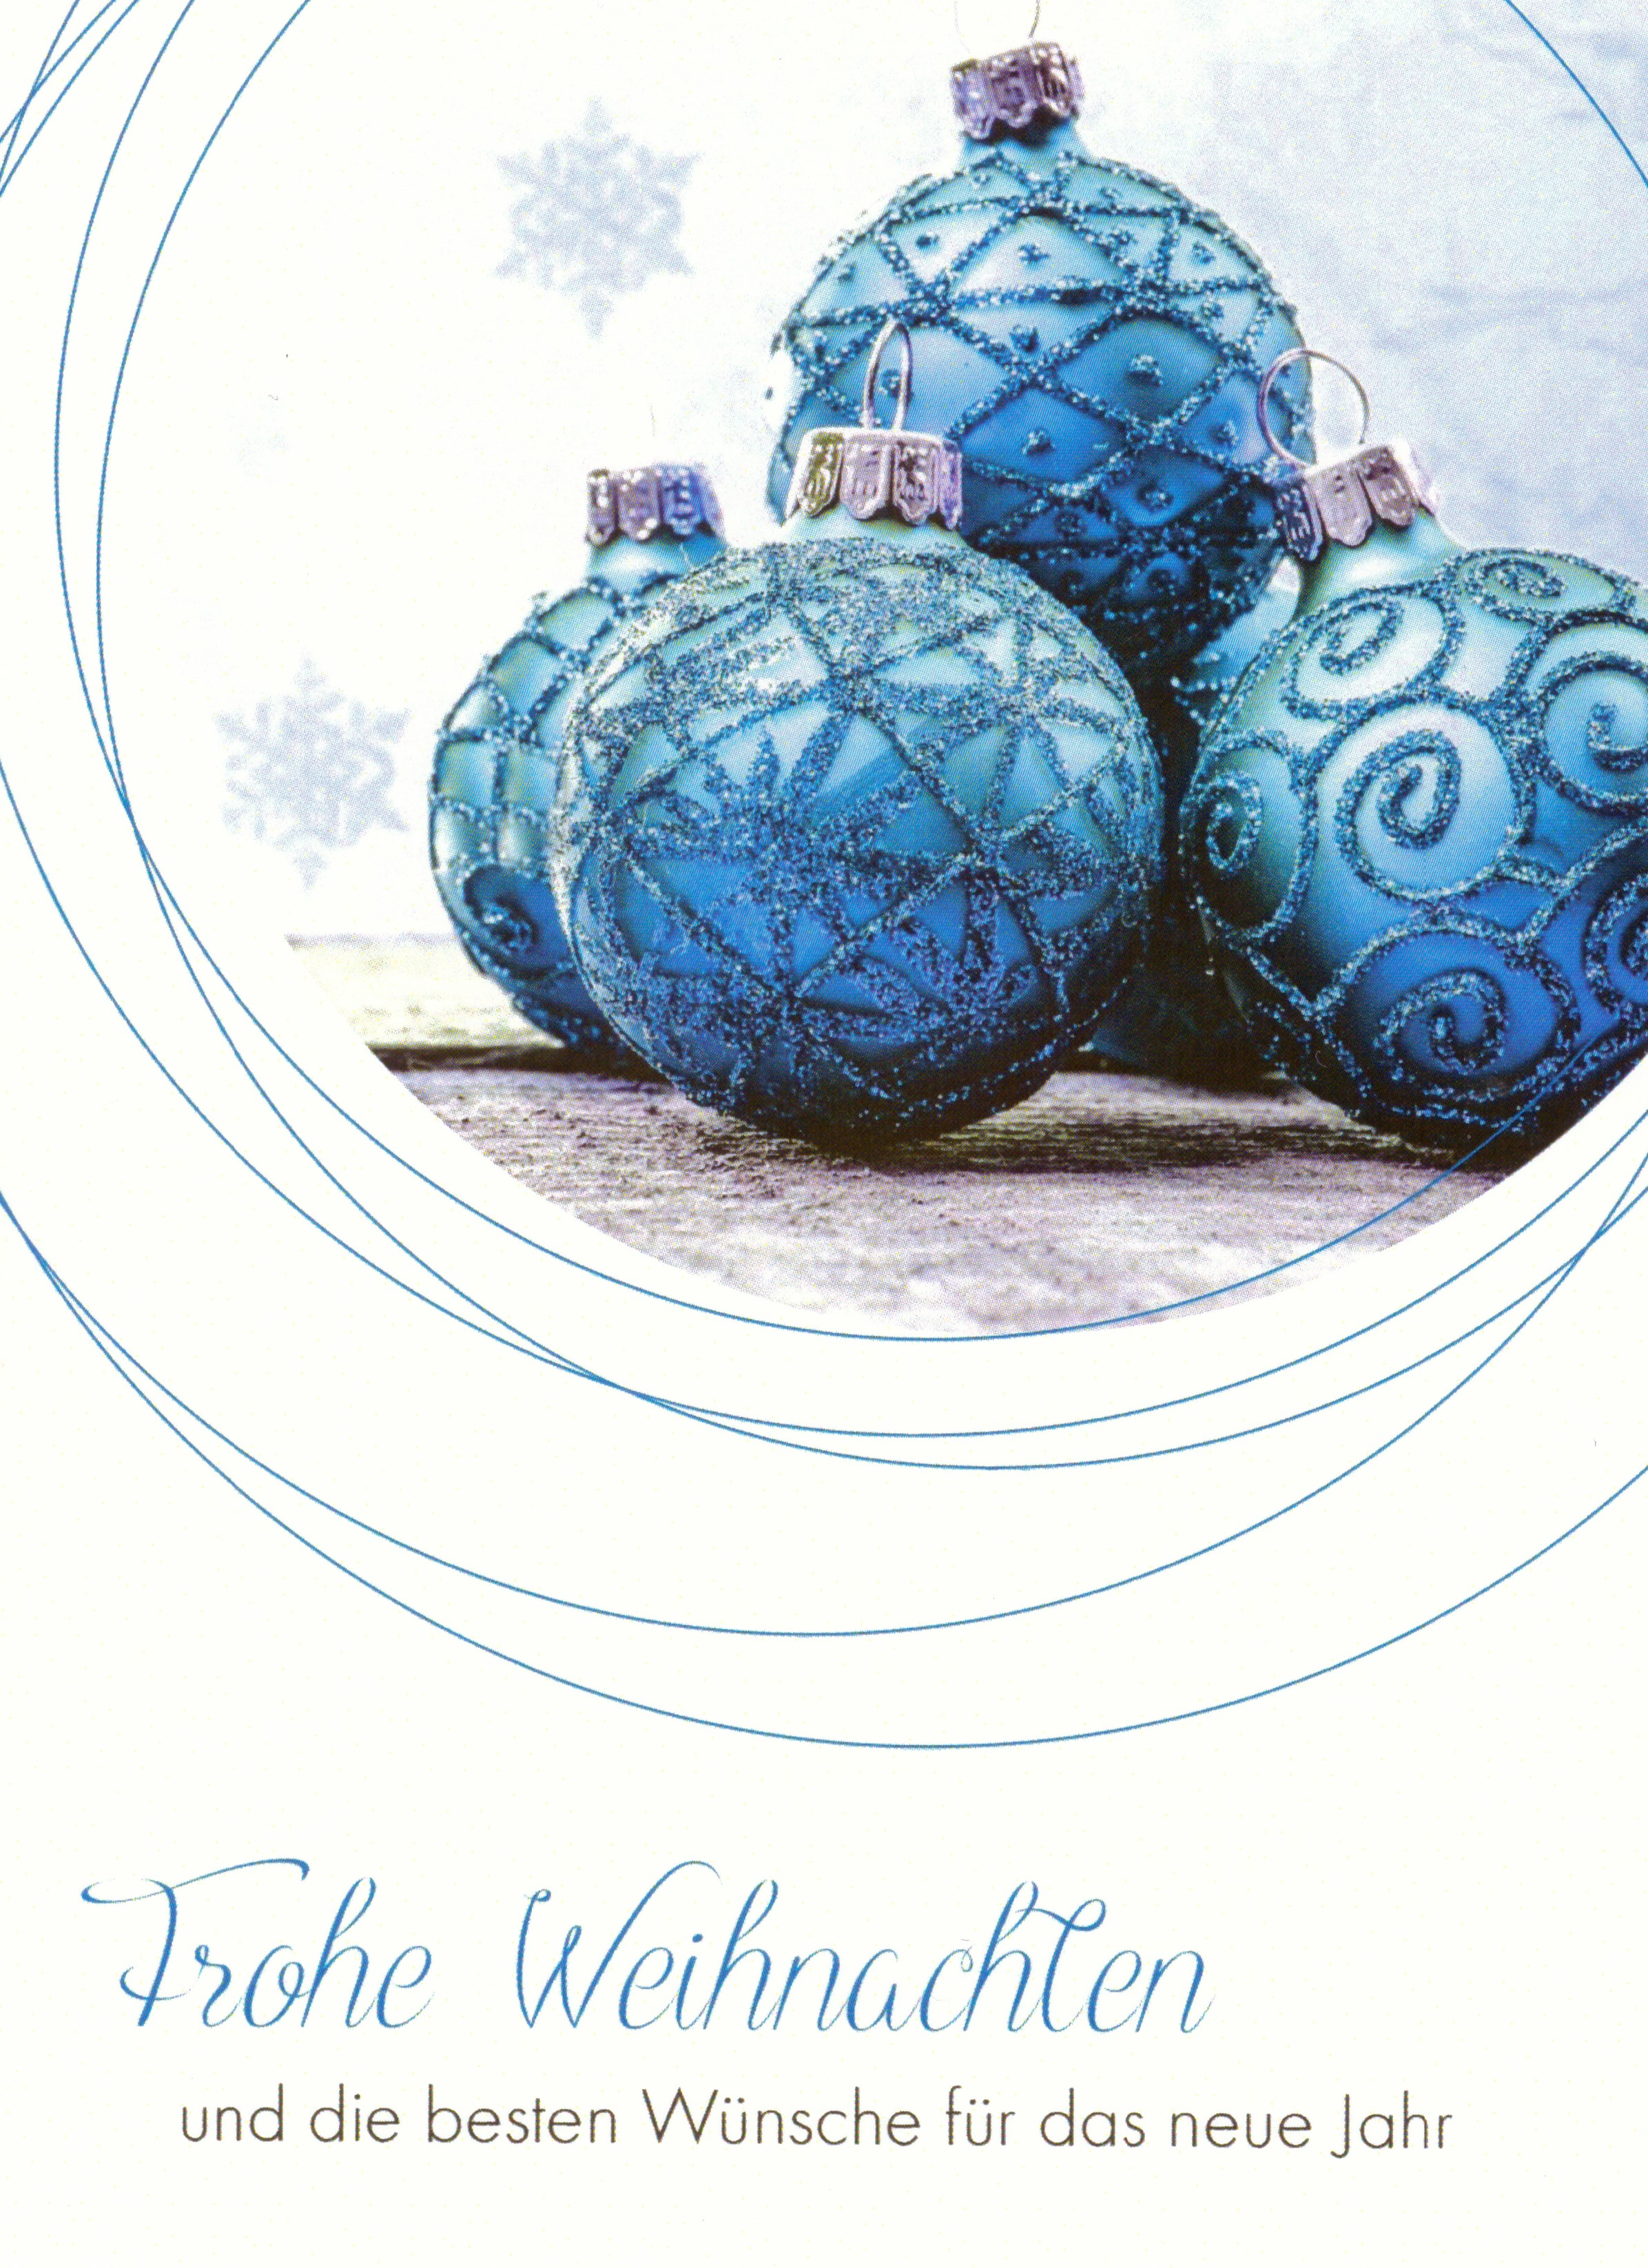 Frohe Weihnachten Und Ein Gutes Neues Jahr Russisch.Anna Deistler Dolmetscher Und übersetzer Russisch Deutsch